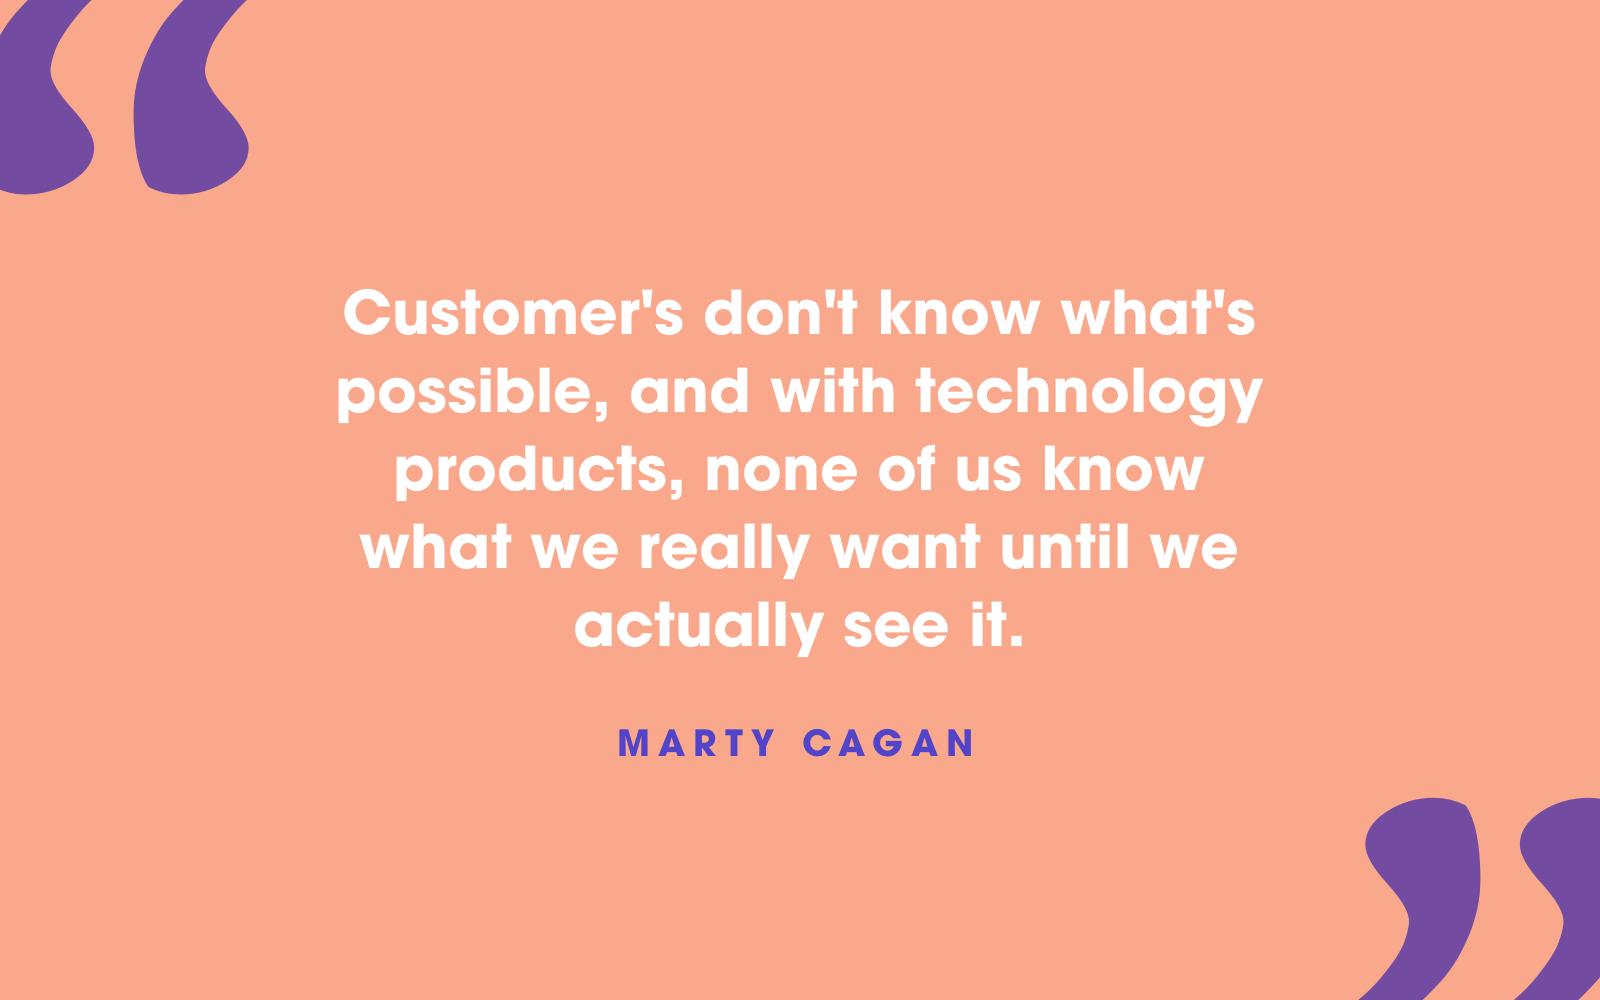 marty_cagan_quote